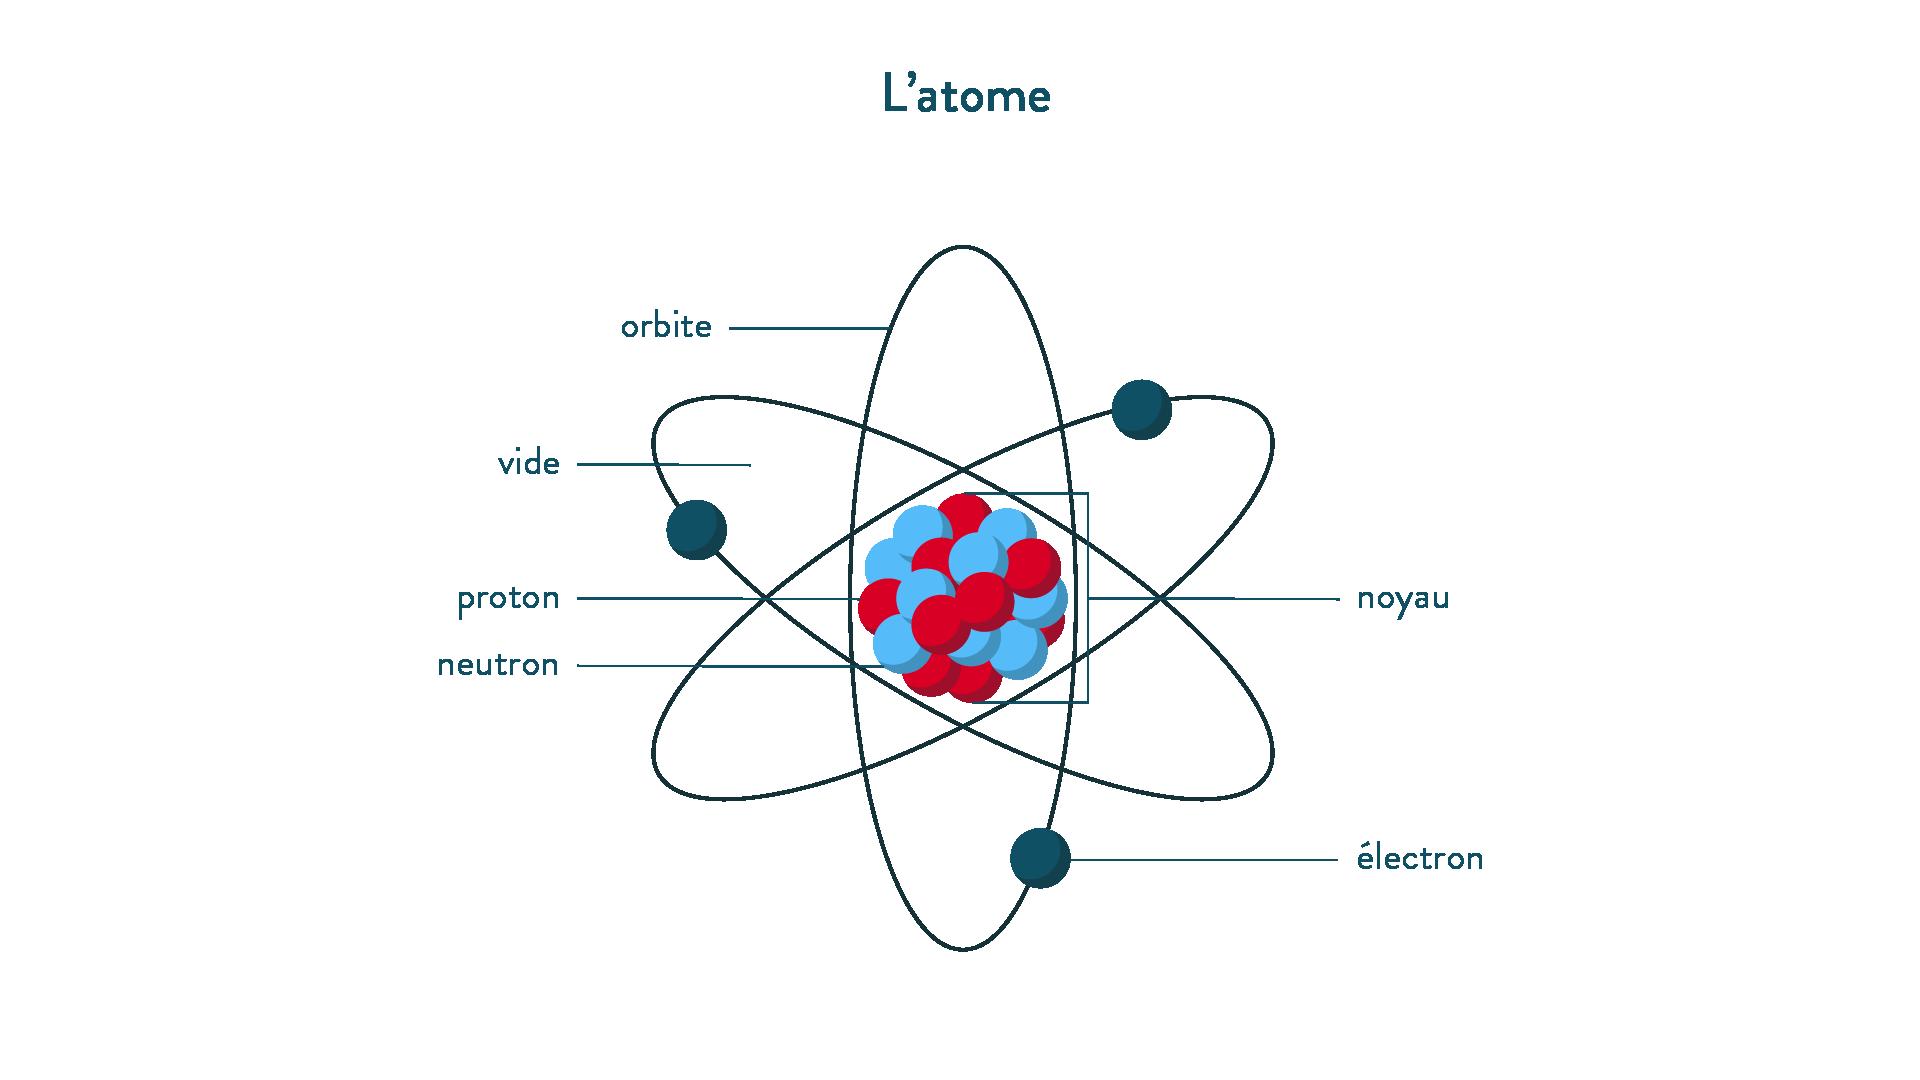 L'atome, orbite, vide, proton, neutron, noyau, électron